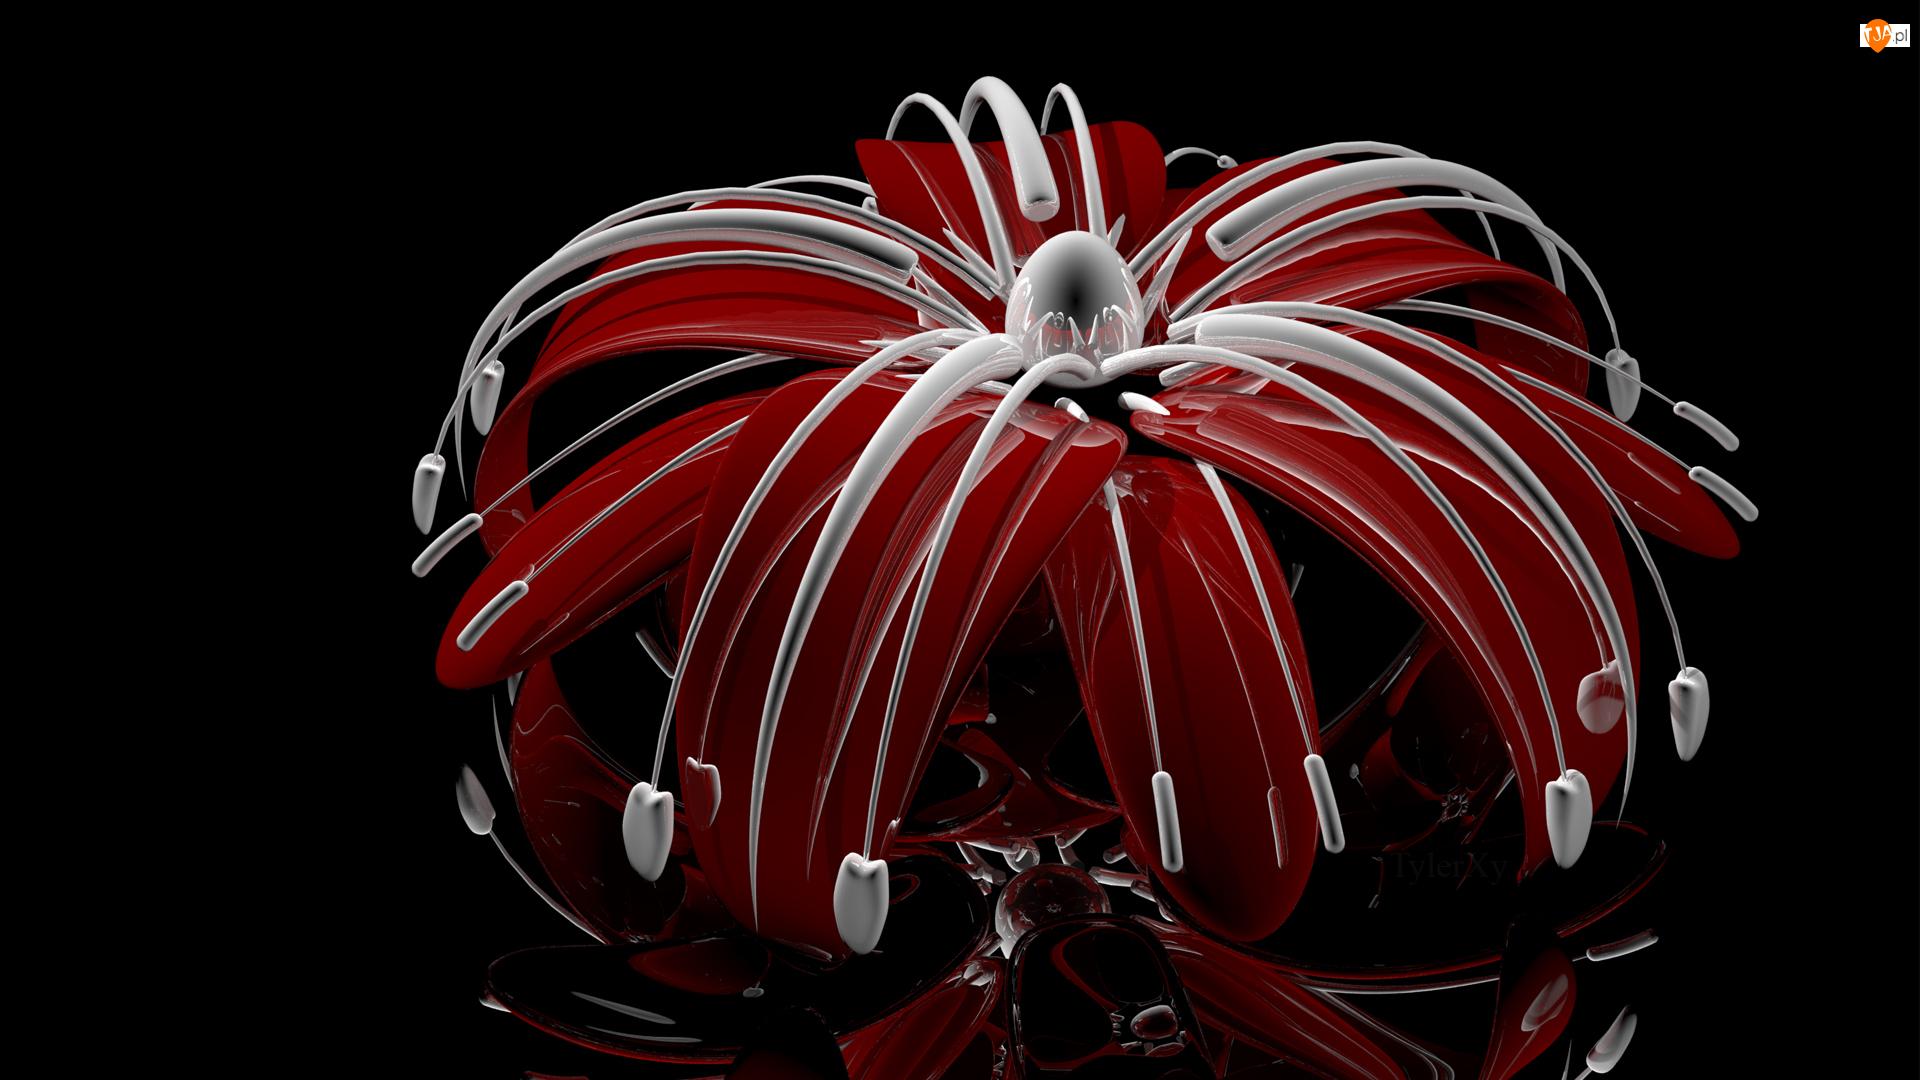 Pręciki, Grafika 3D, Kwiat, Czerwony, Białe